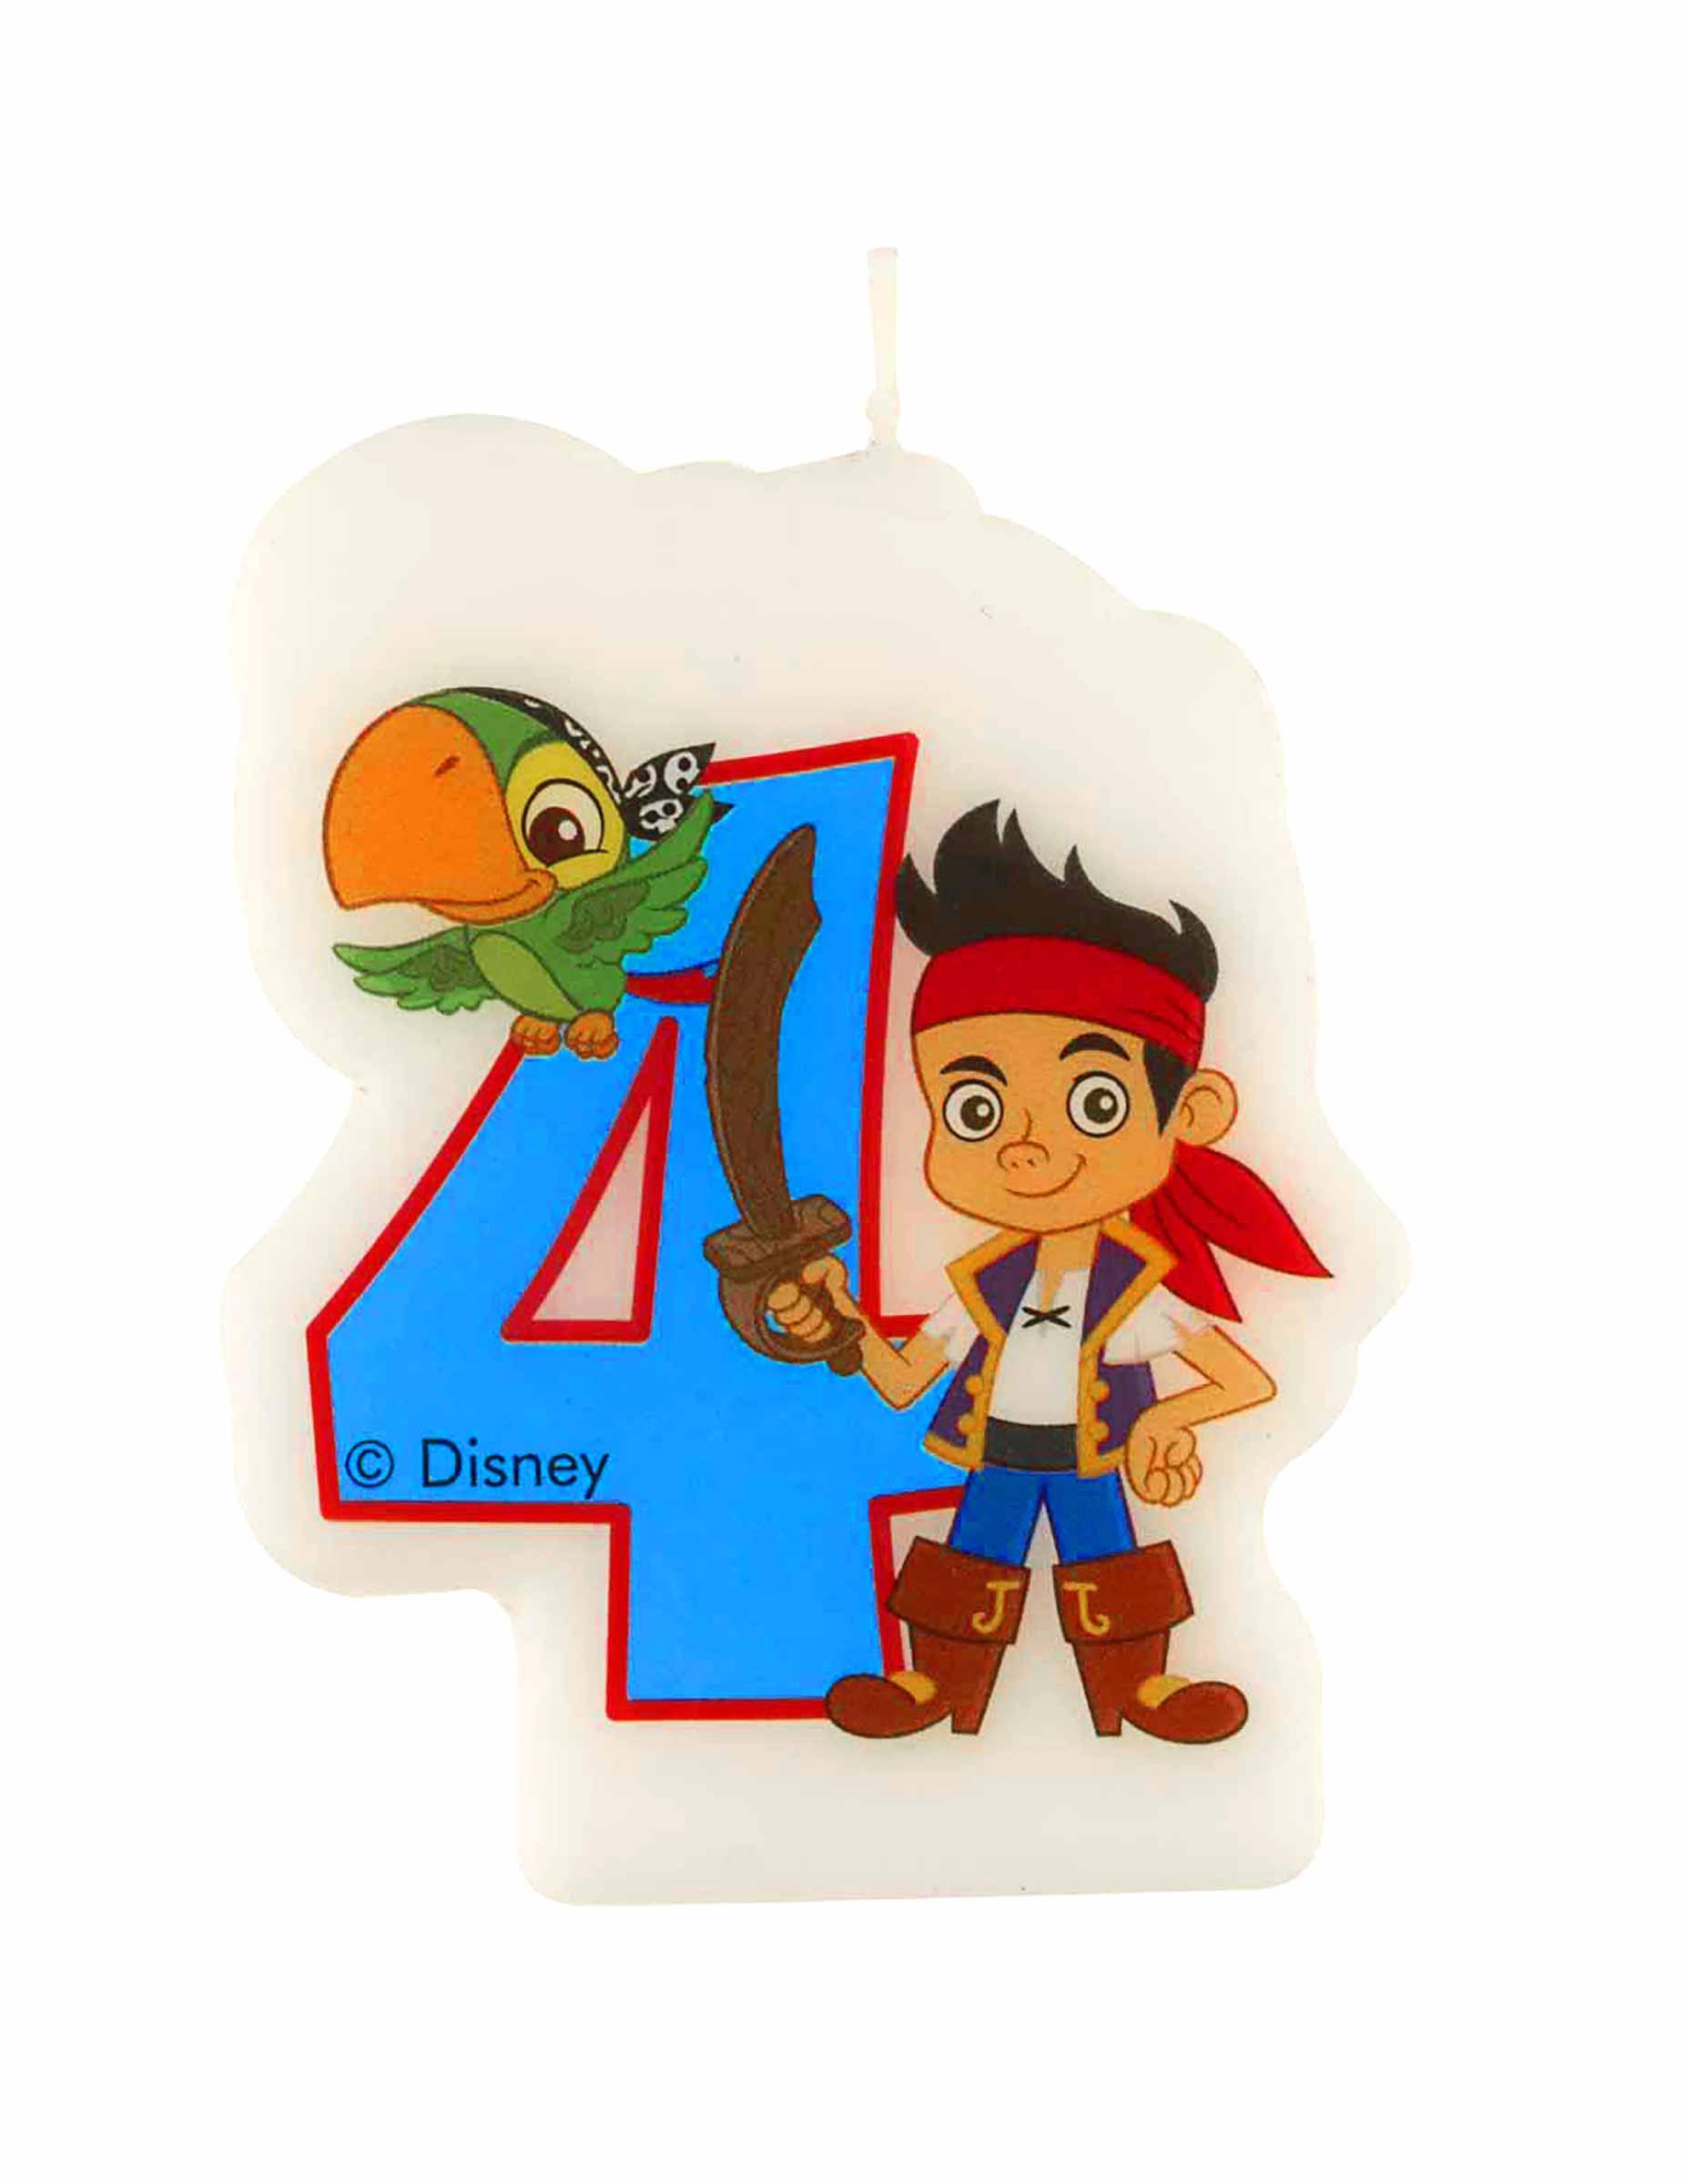 Jake De Piraat Verjaardagskaarsje 4 Jaar Decoratie En Goedkope